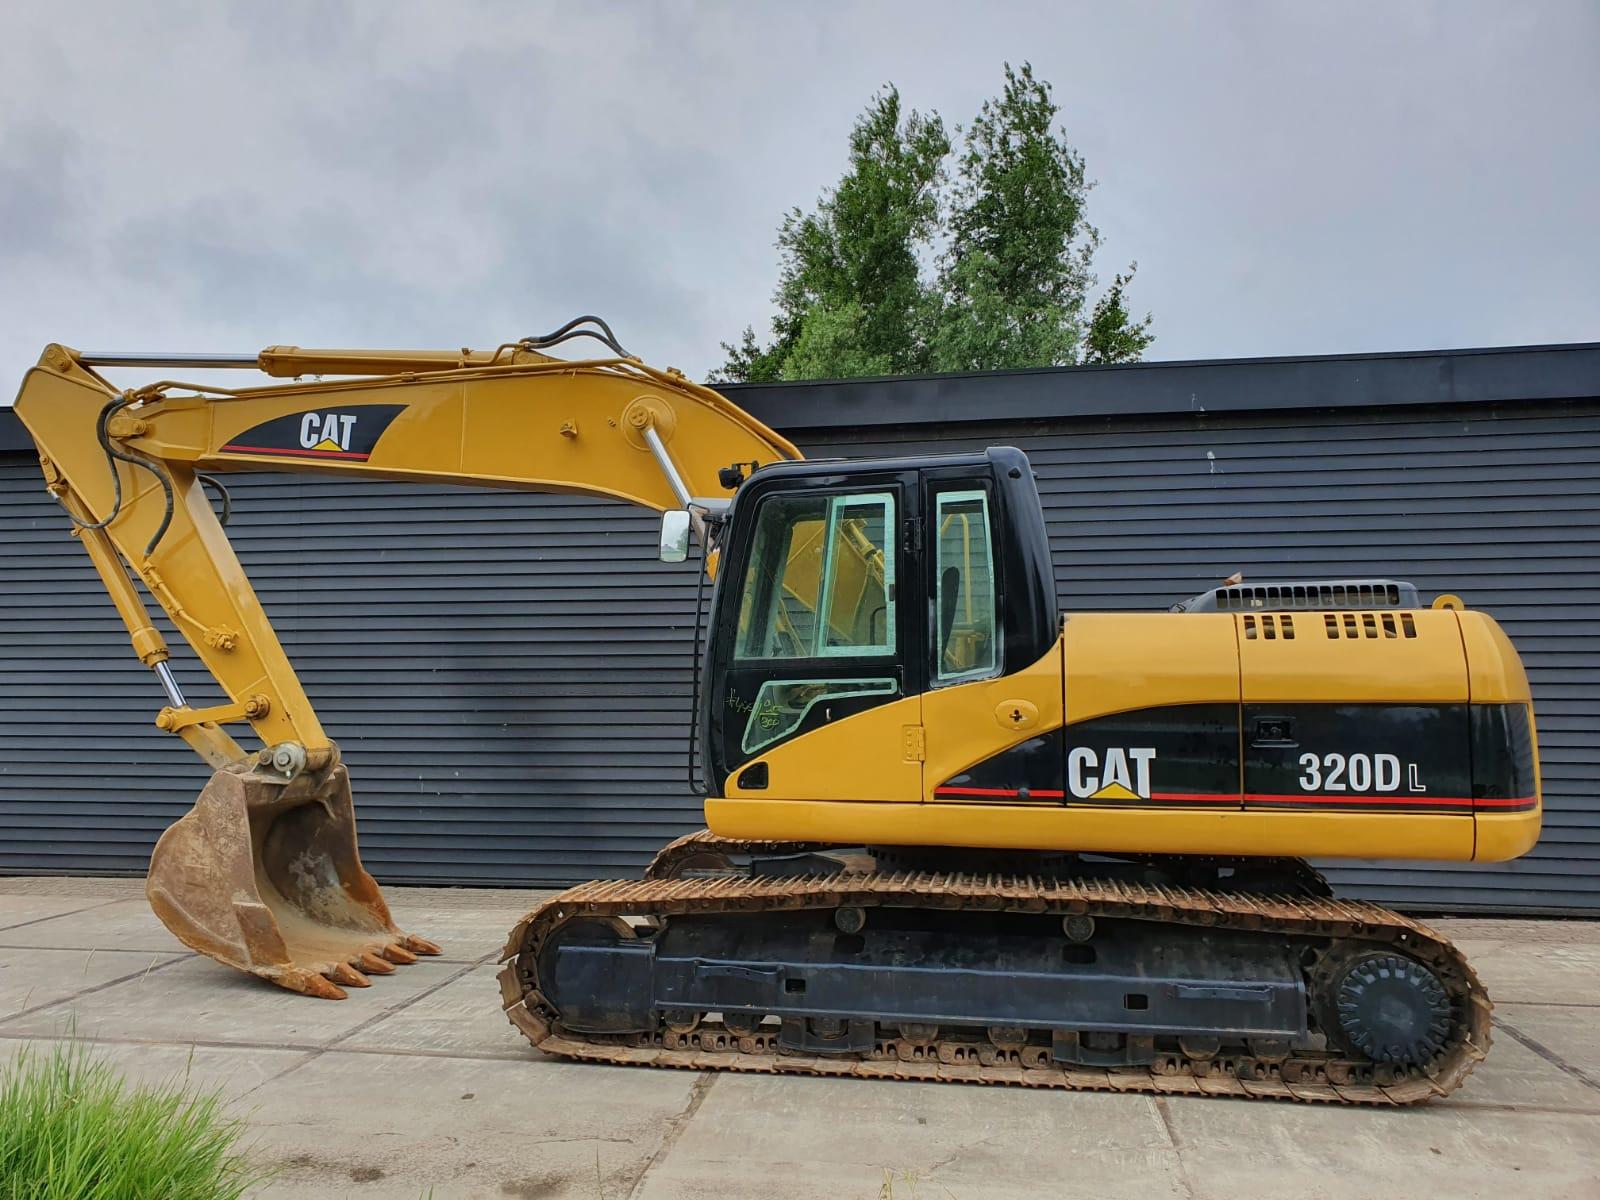 Caterpillar 320 DL